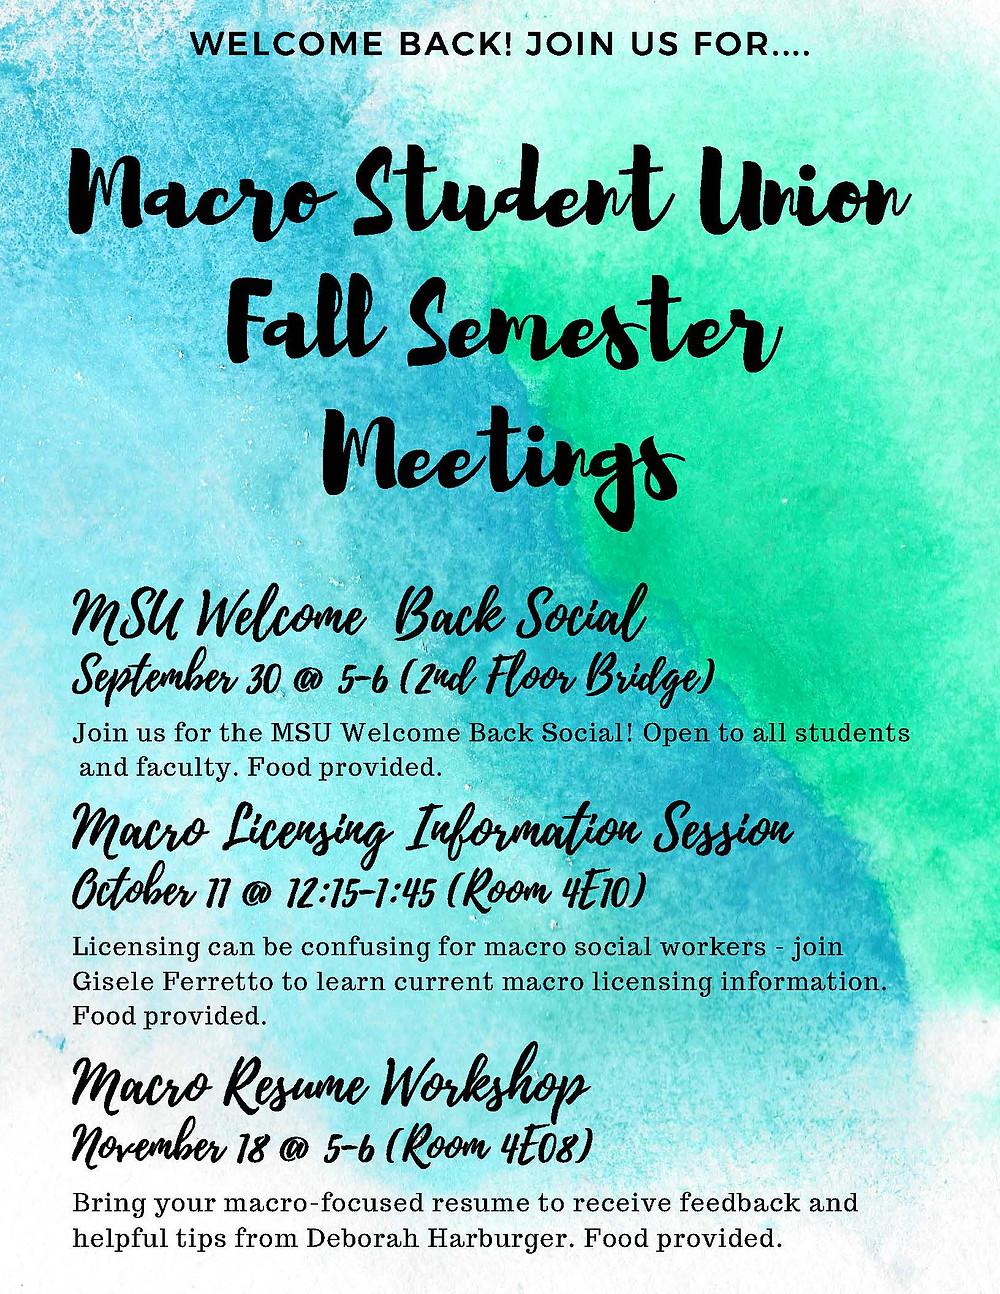 MSU event schedule